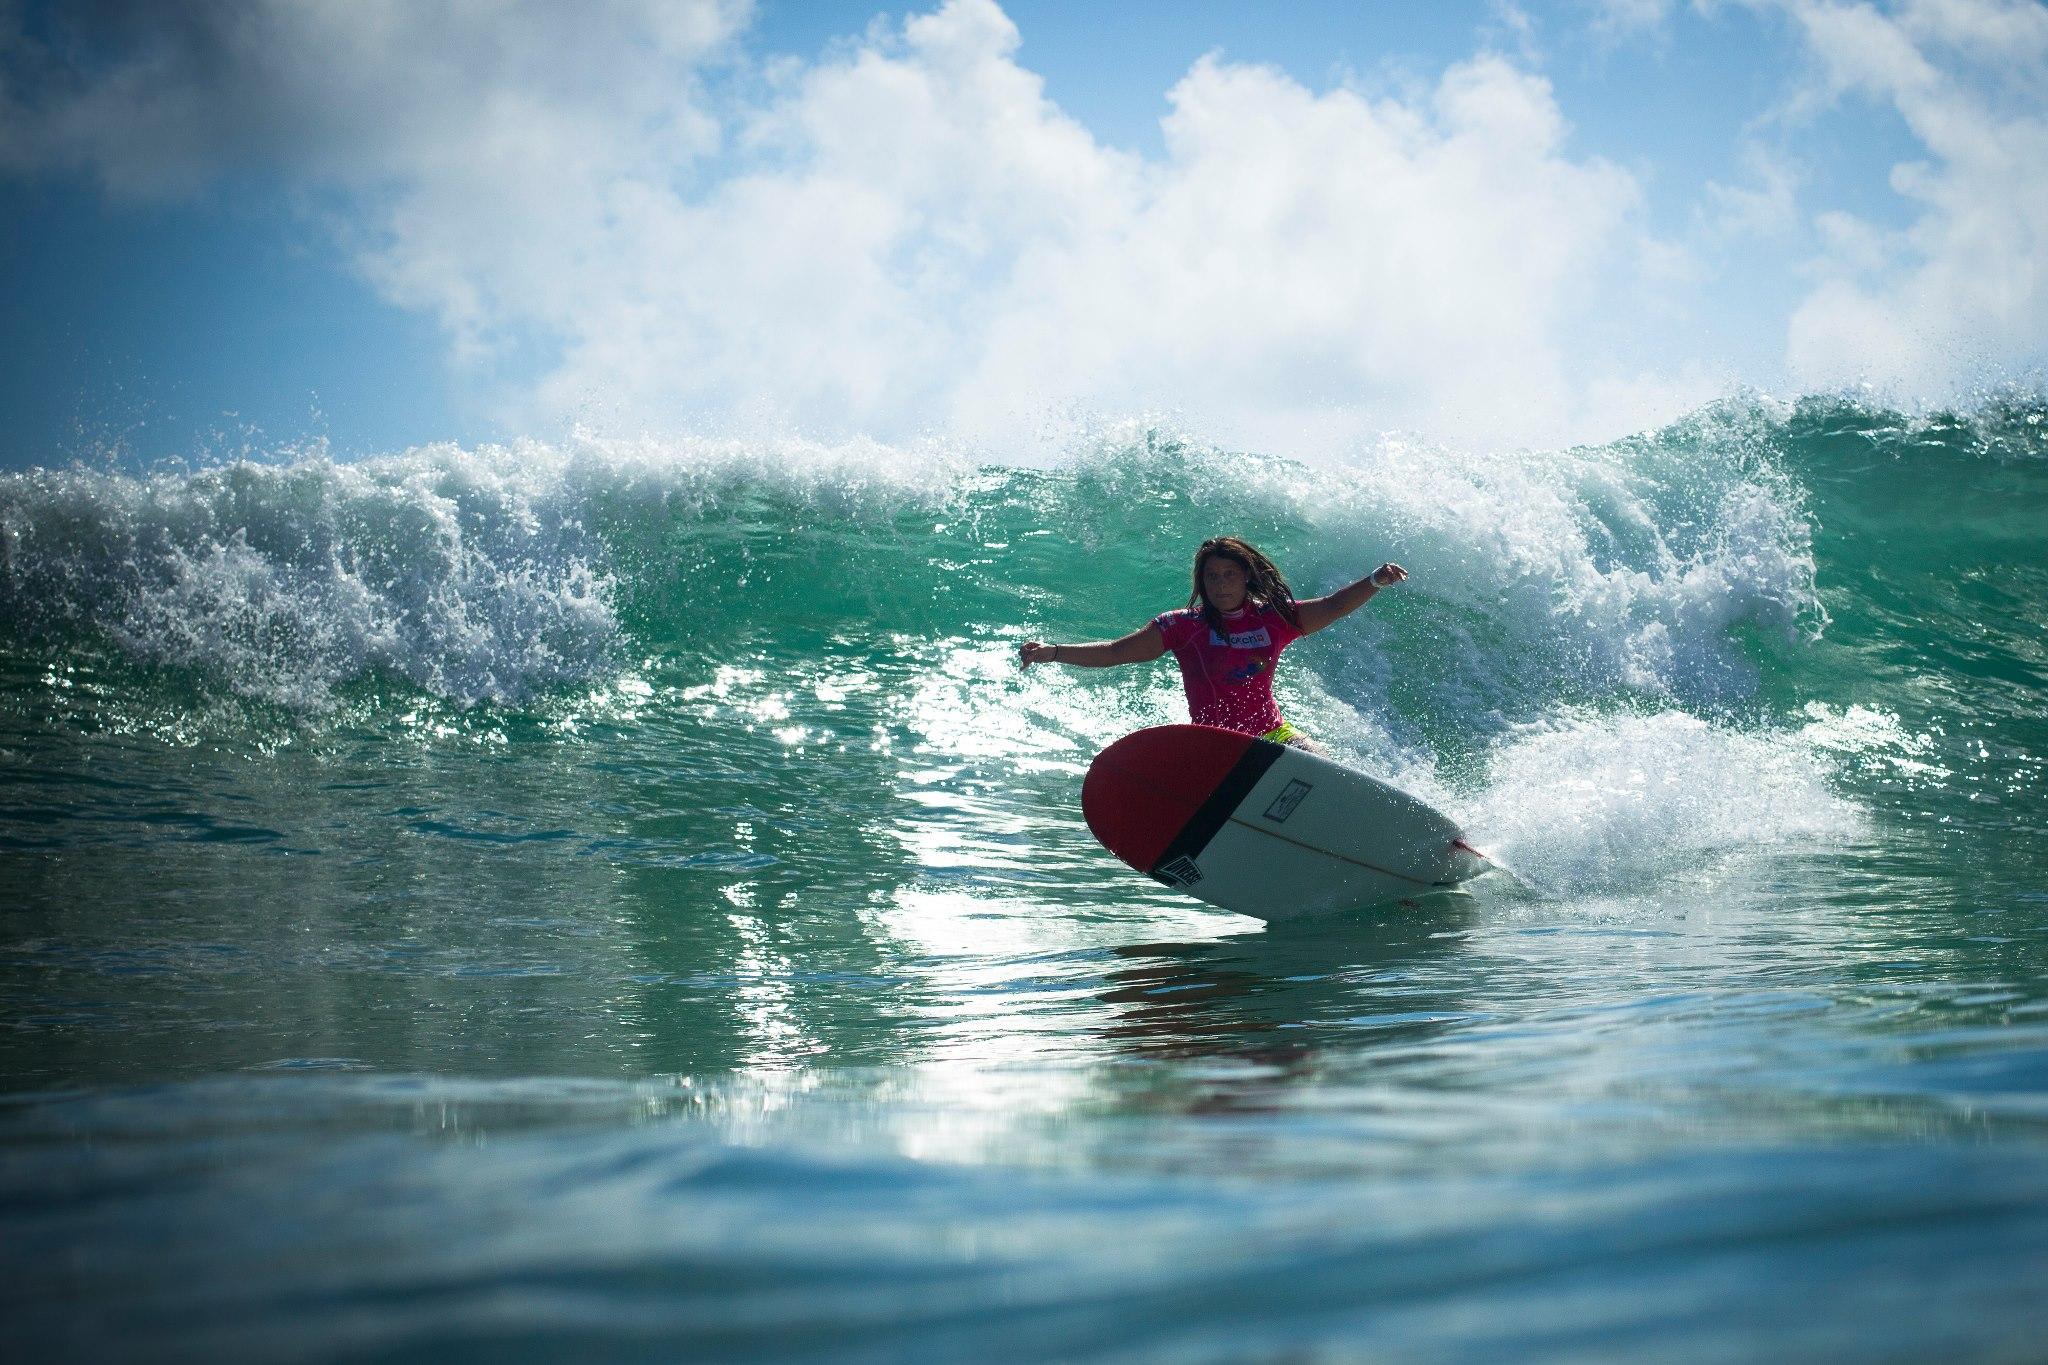 longboard girl ripping